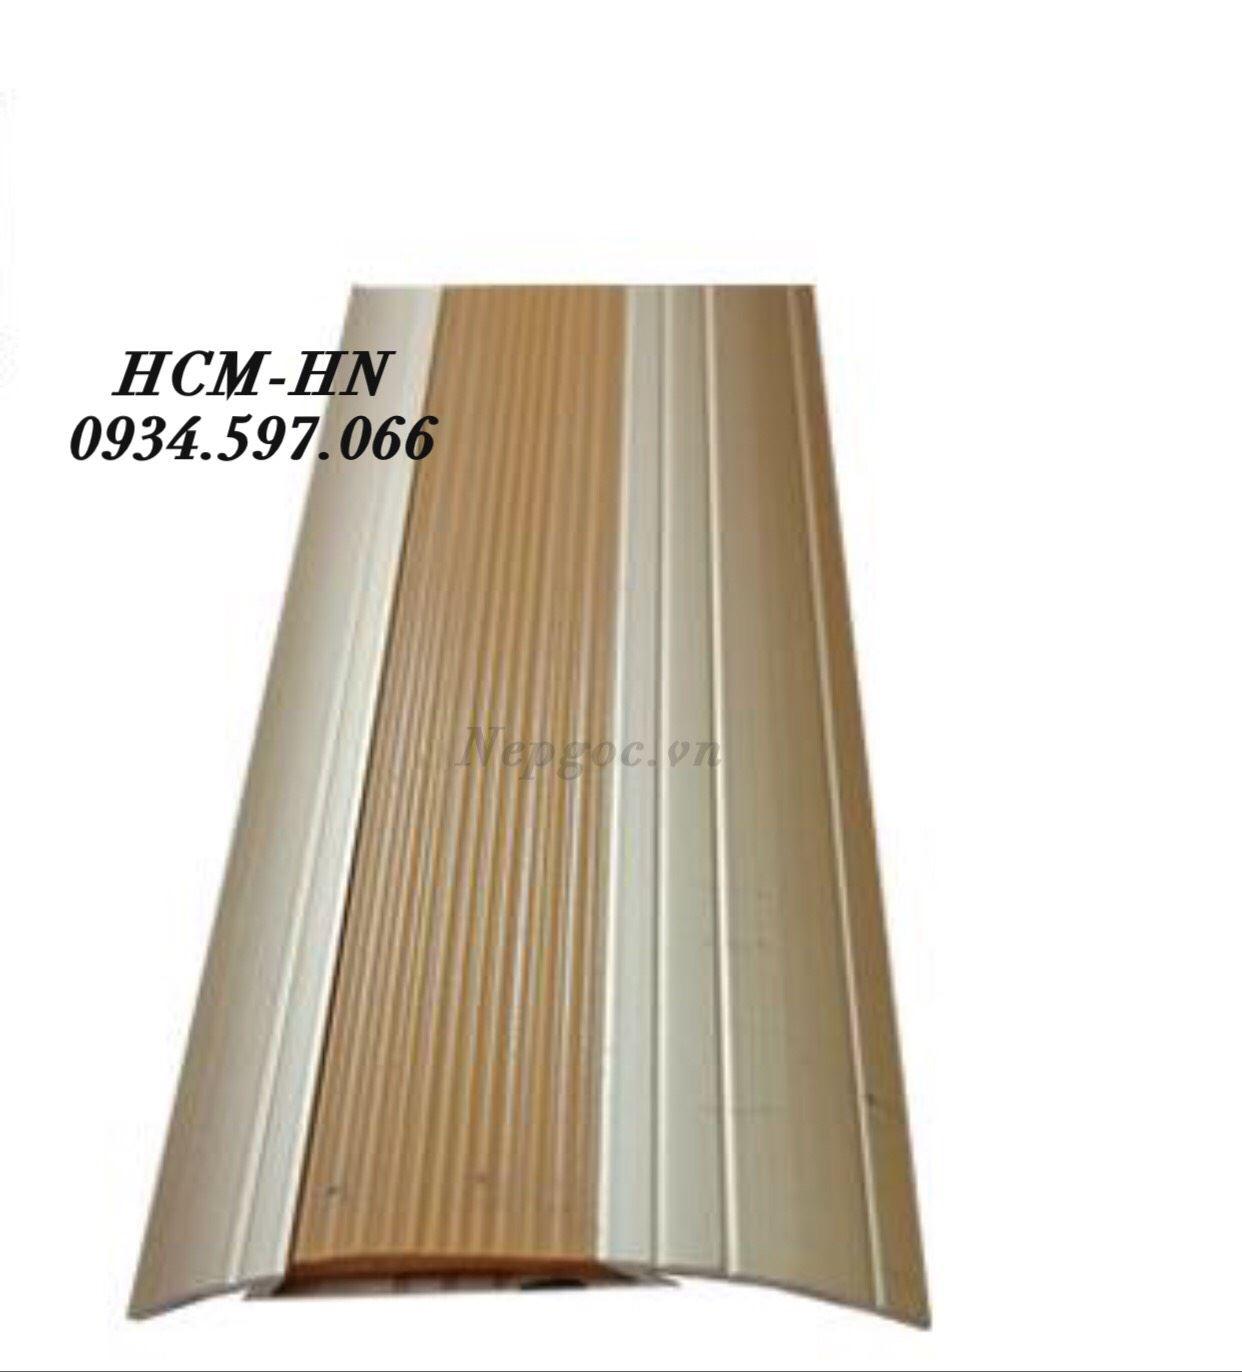 Nẹp sàn gỗ NCP42